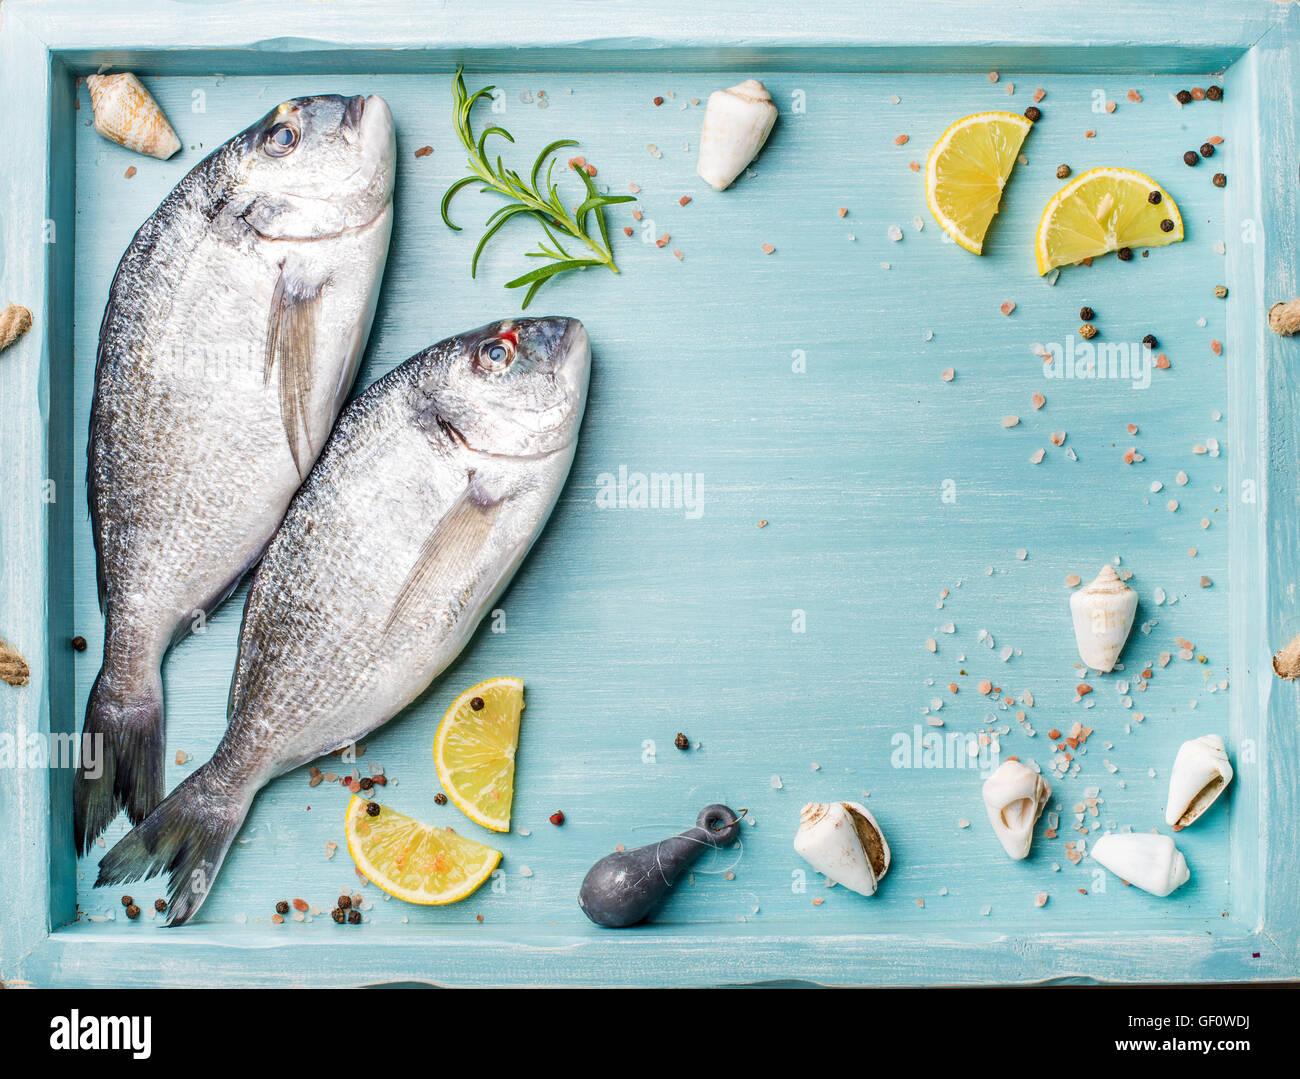 Matières premières fraîches poissons daurade décoré de rondelles de citron, d'herbes Photo Stock